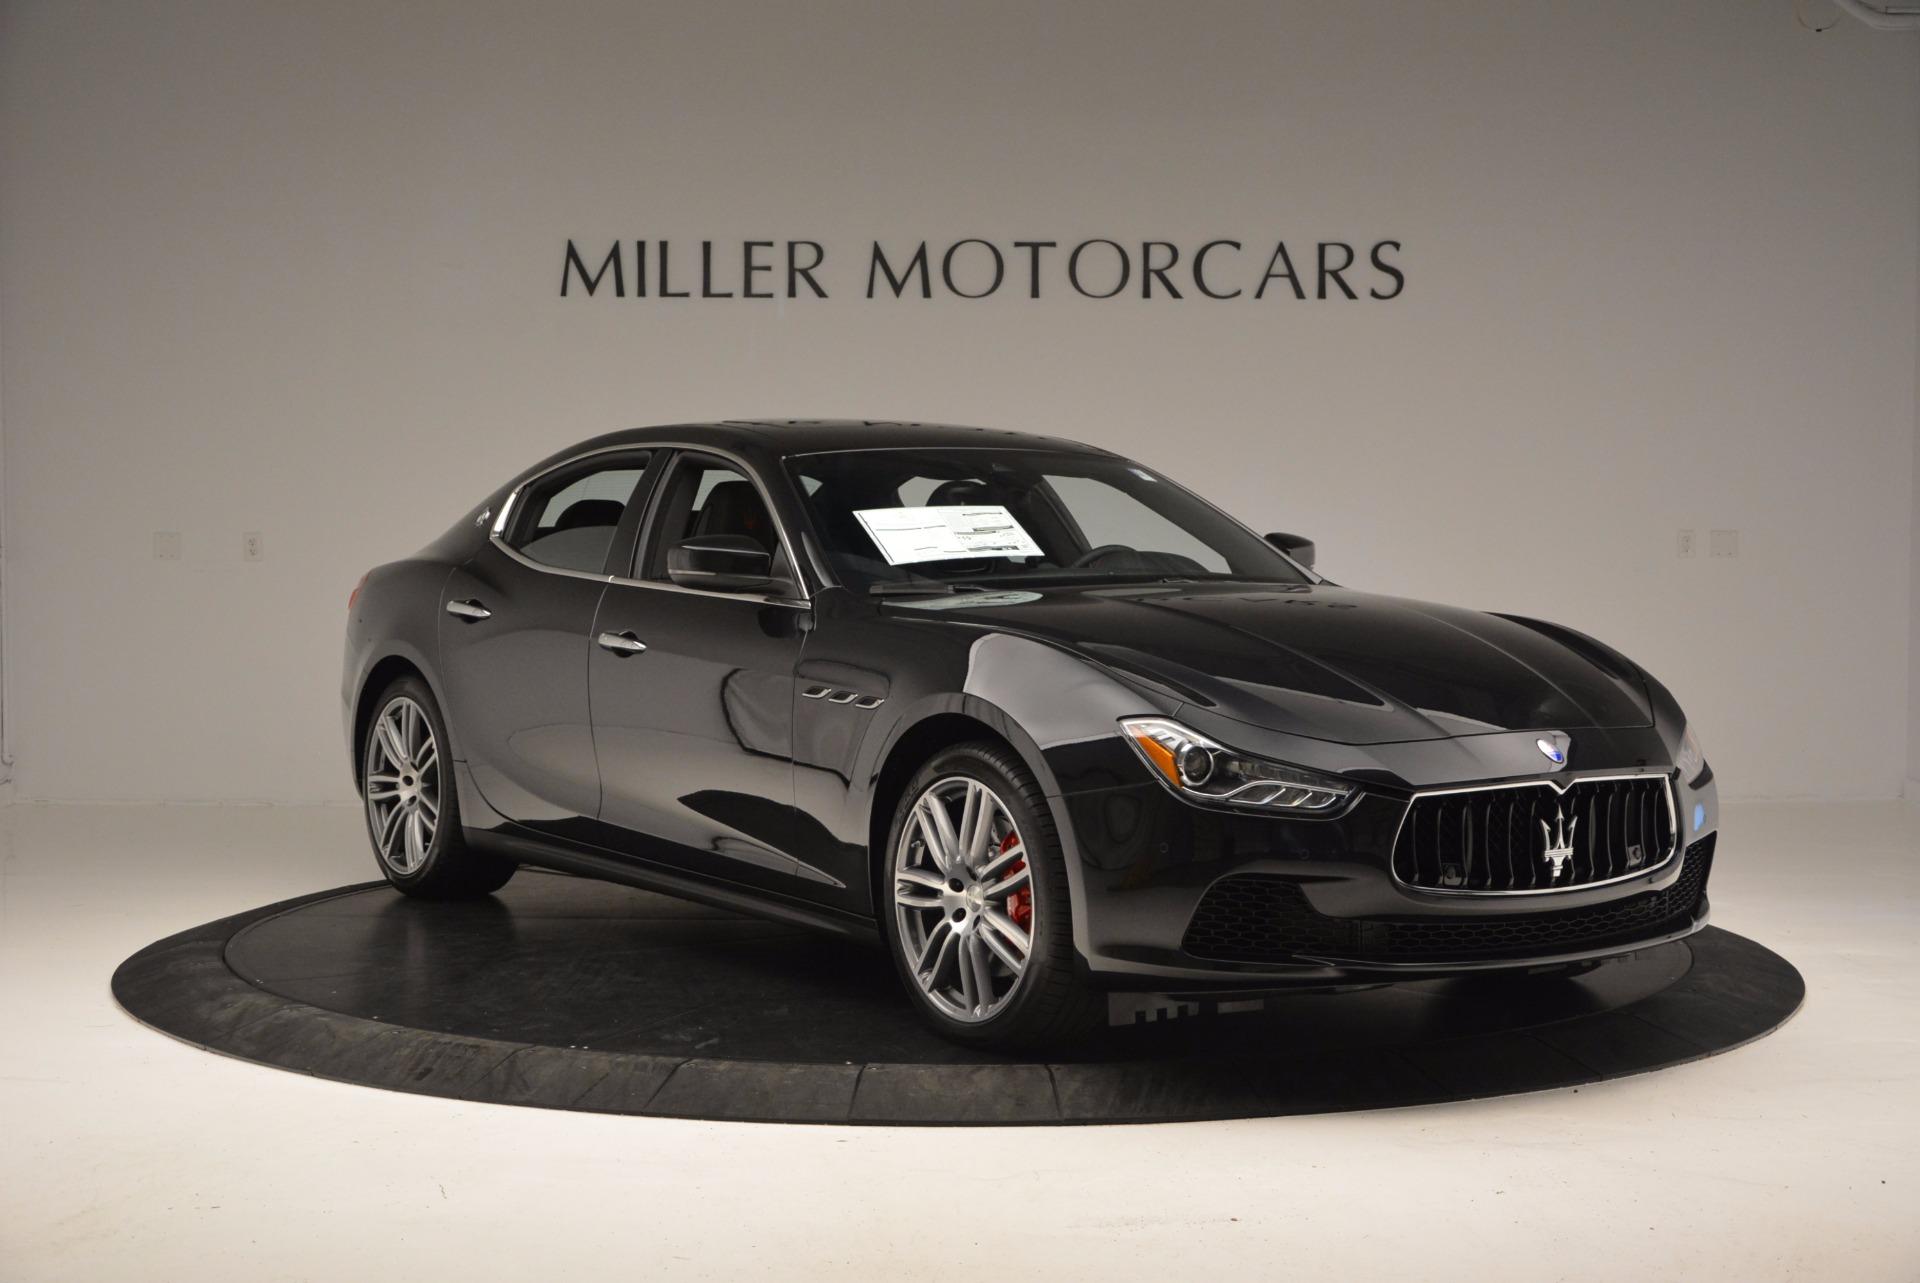 New 2017 Maserati Ghibli SQ4 For Sale In Greenwich, CT 1443_p11